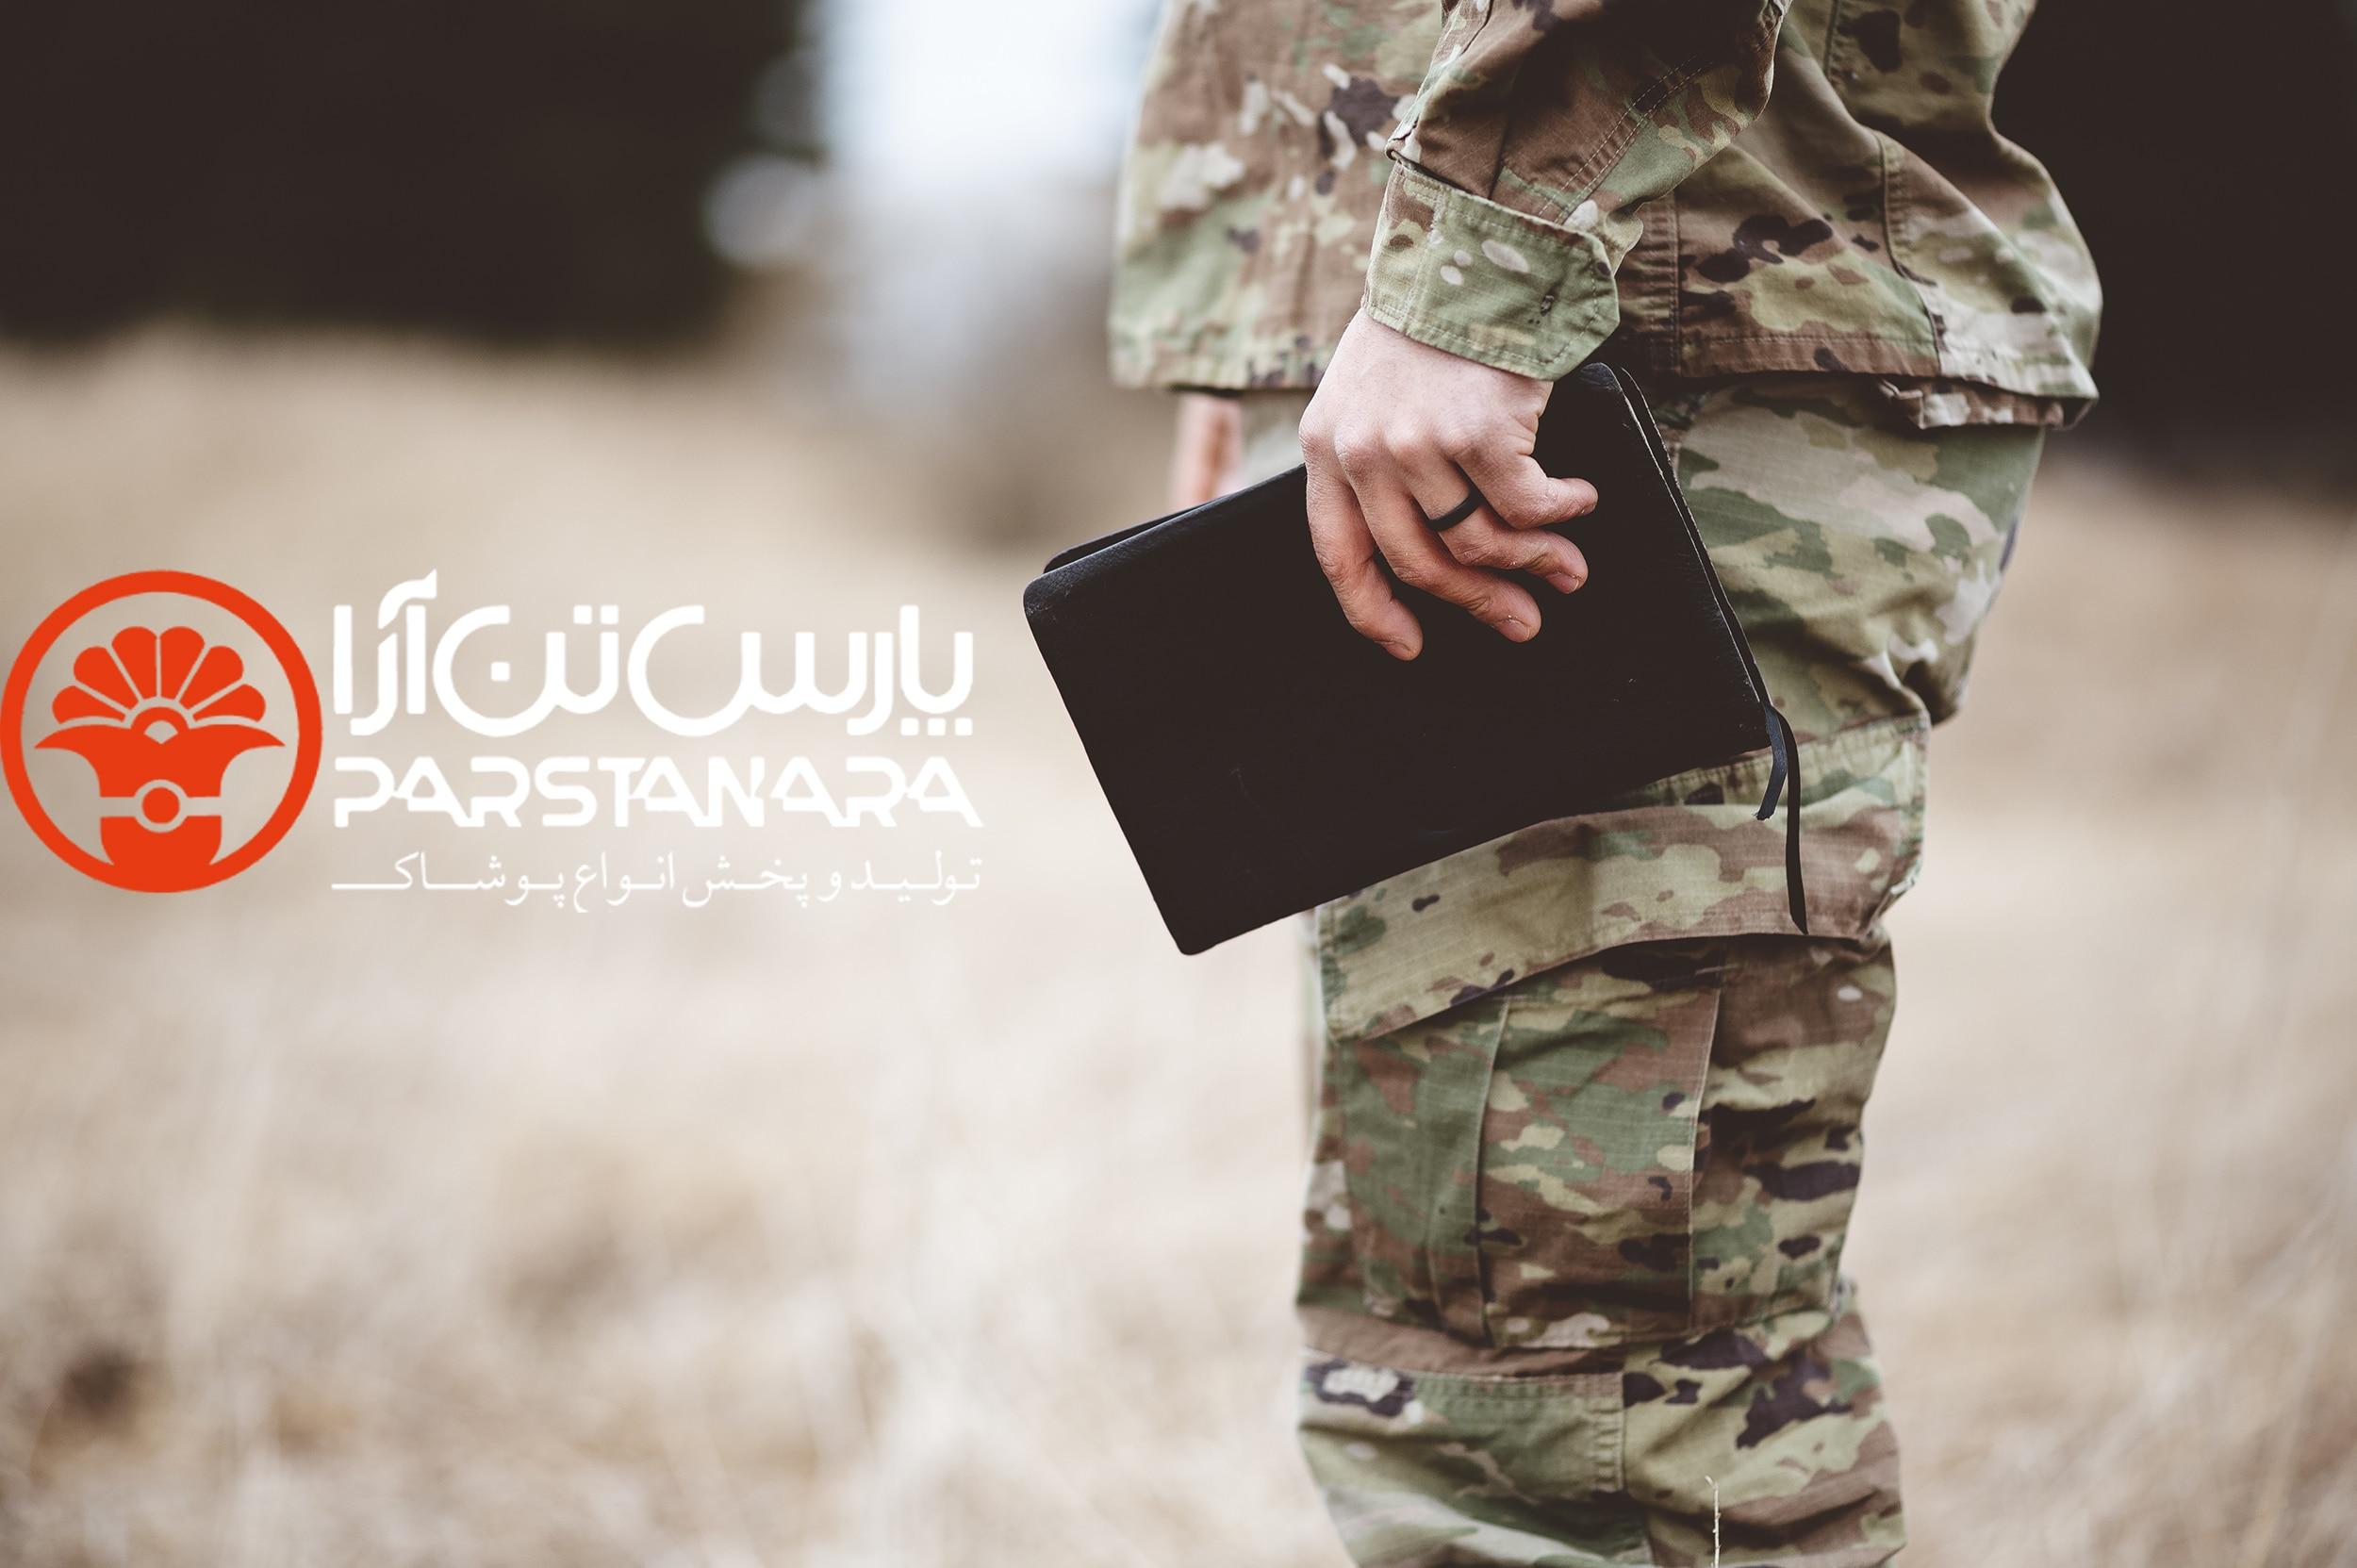 لباس فرم نظامی و ویژگی های آن